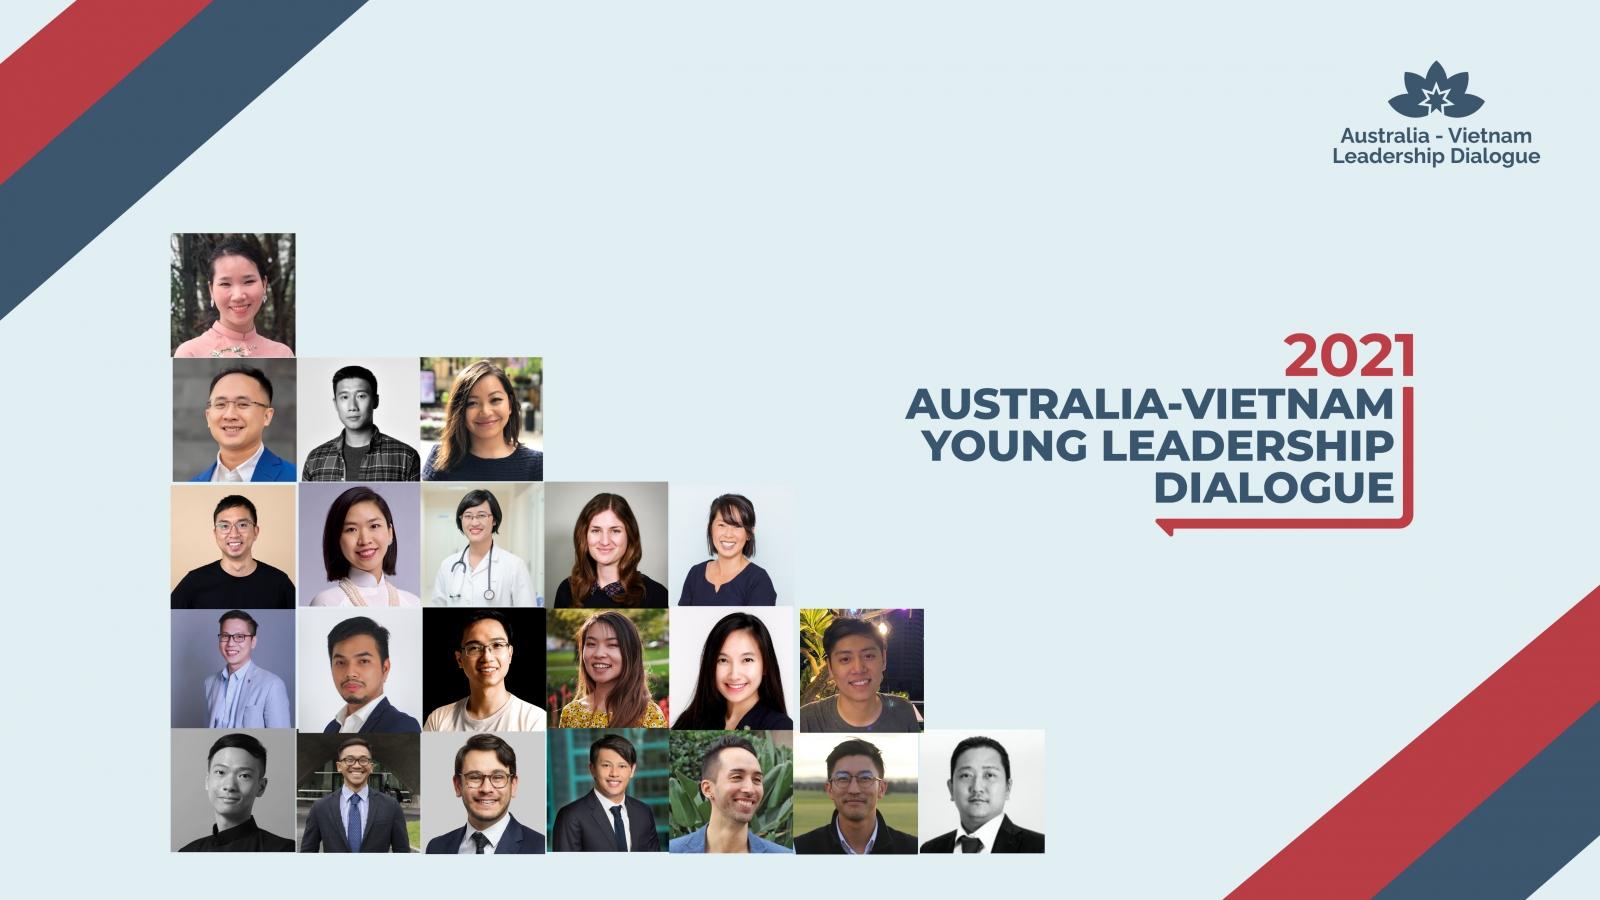 22 gương mặt tiêu biểu tham gia Đối thoại Lãnh đạo trẻ Australia-Việt Nam 2021